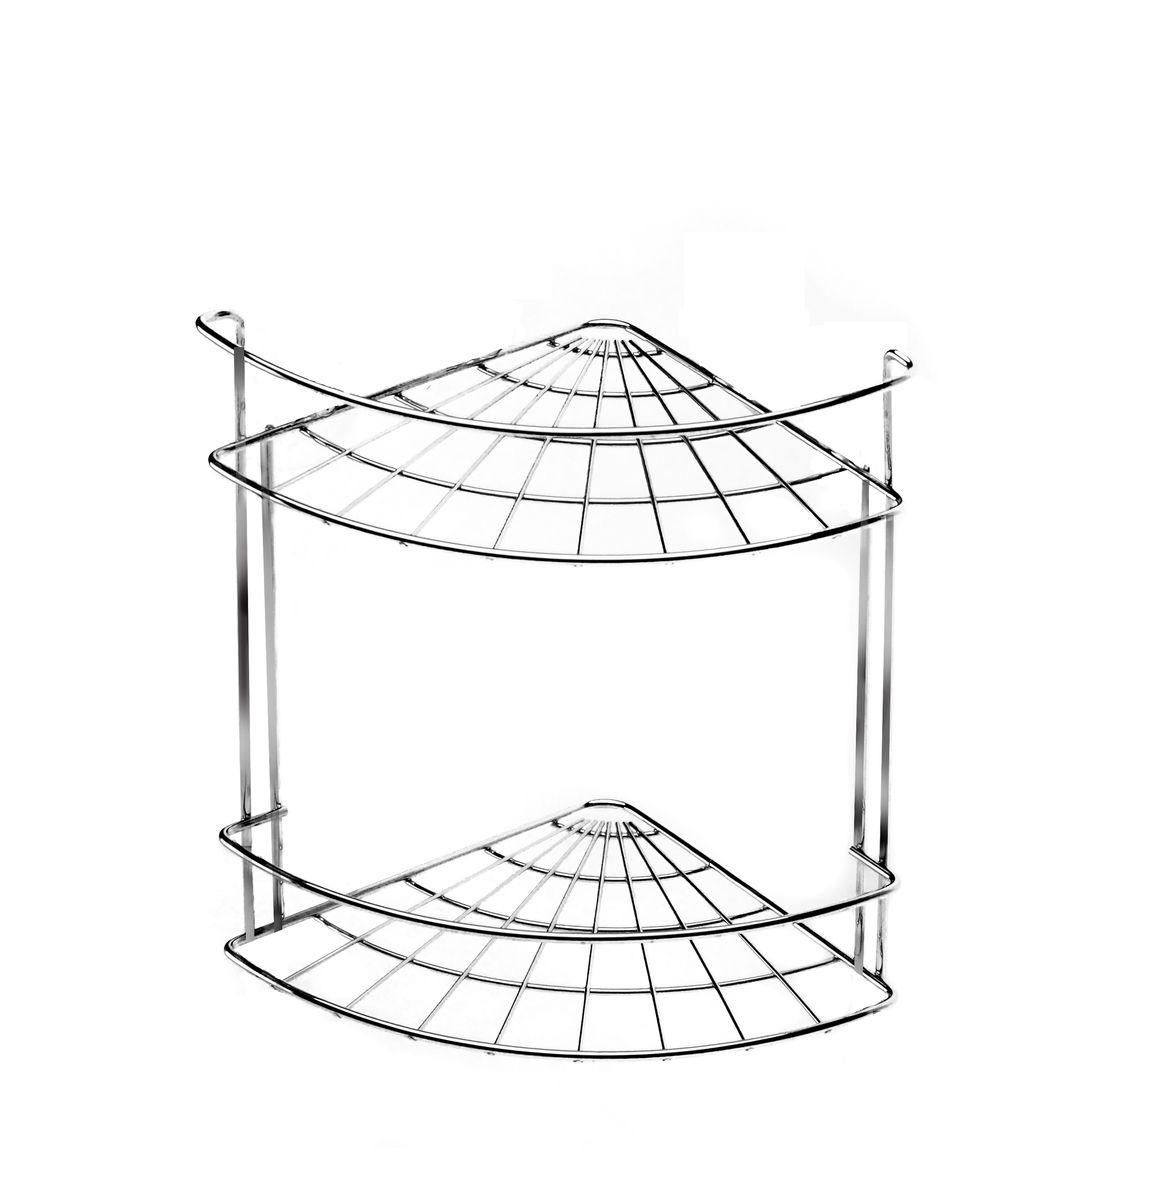 Полка для ванной комнаты Vanstore Slim, 2-ярусная, угловая, подвесная, высота 25 см подвесная полка под телевизор купить